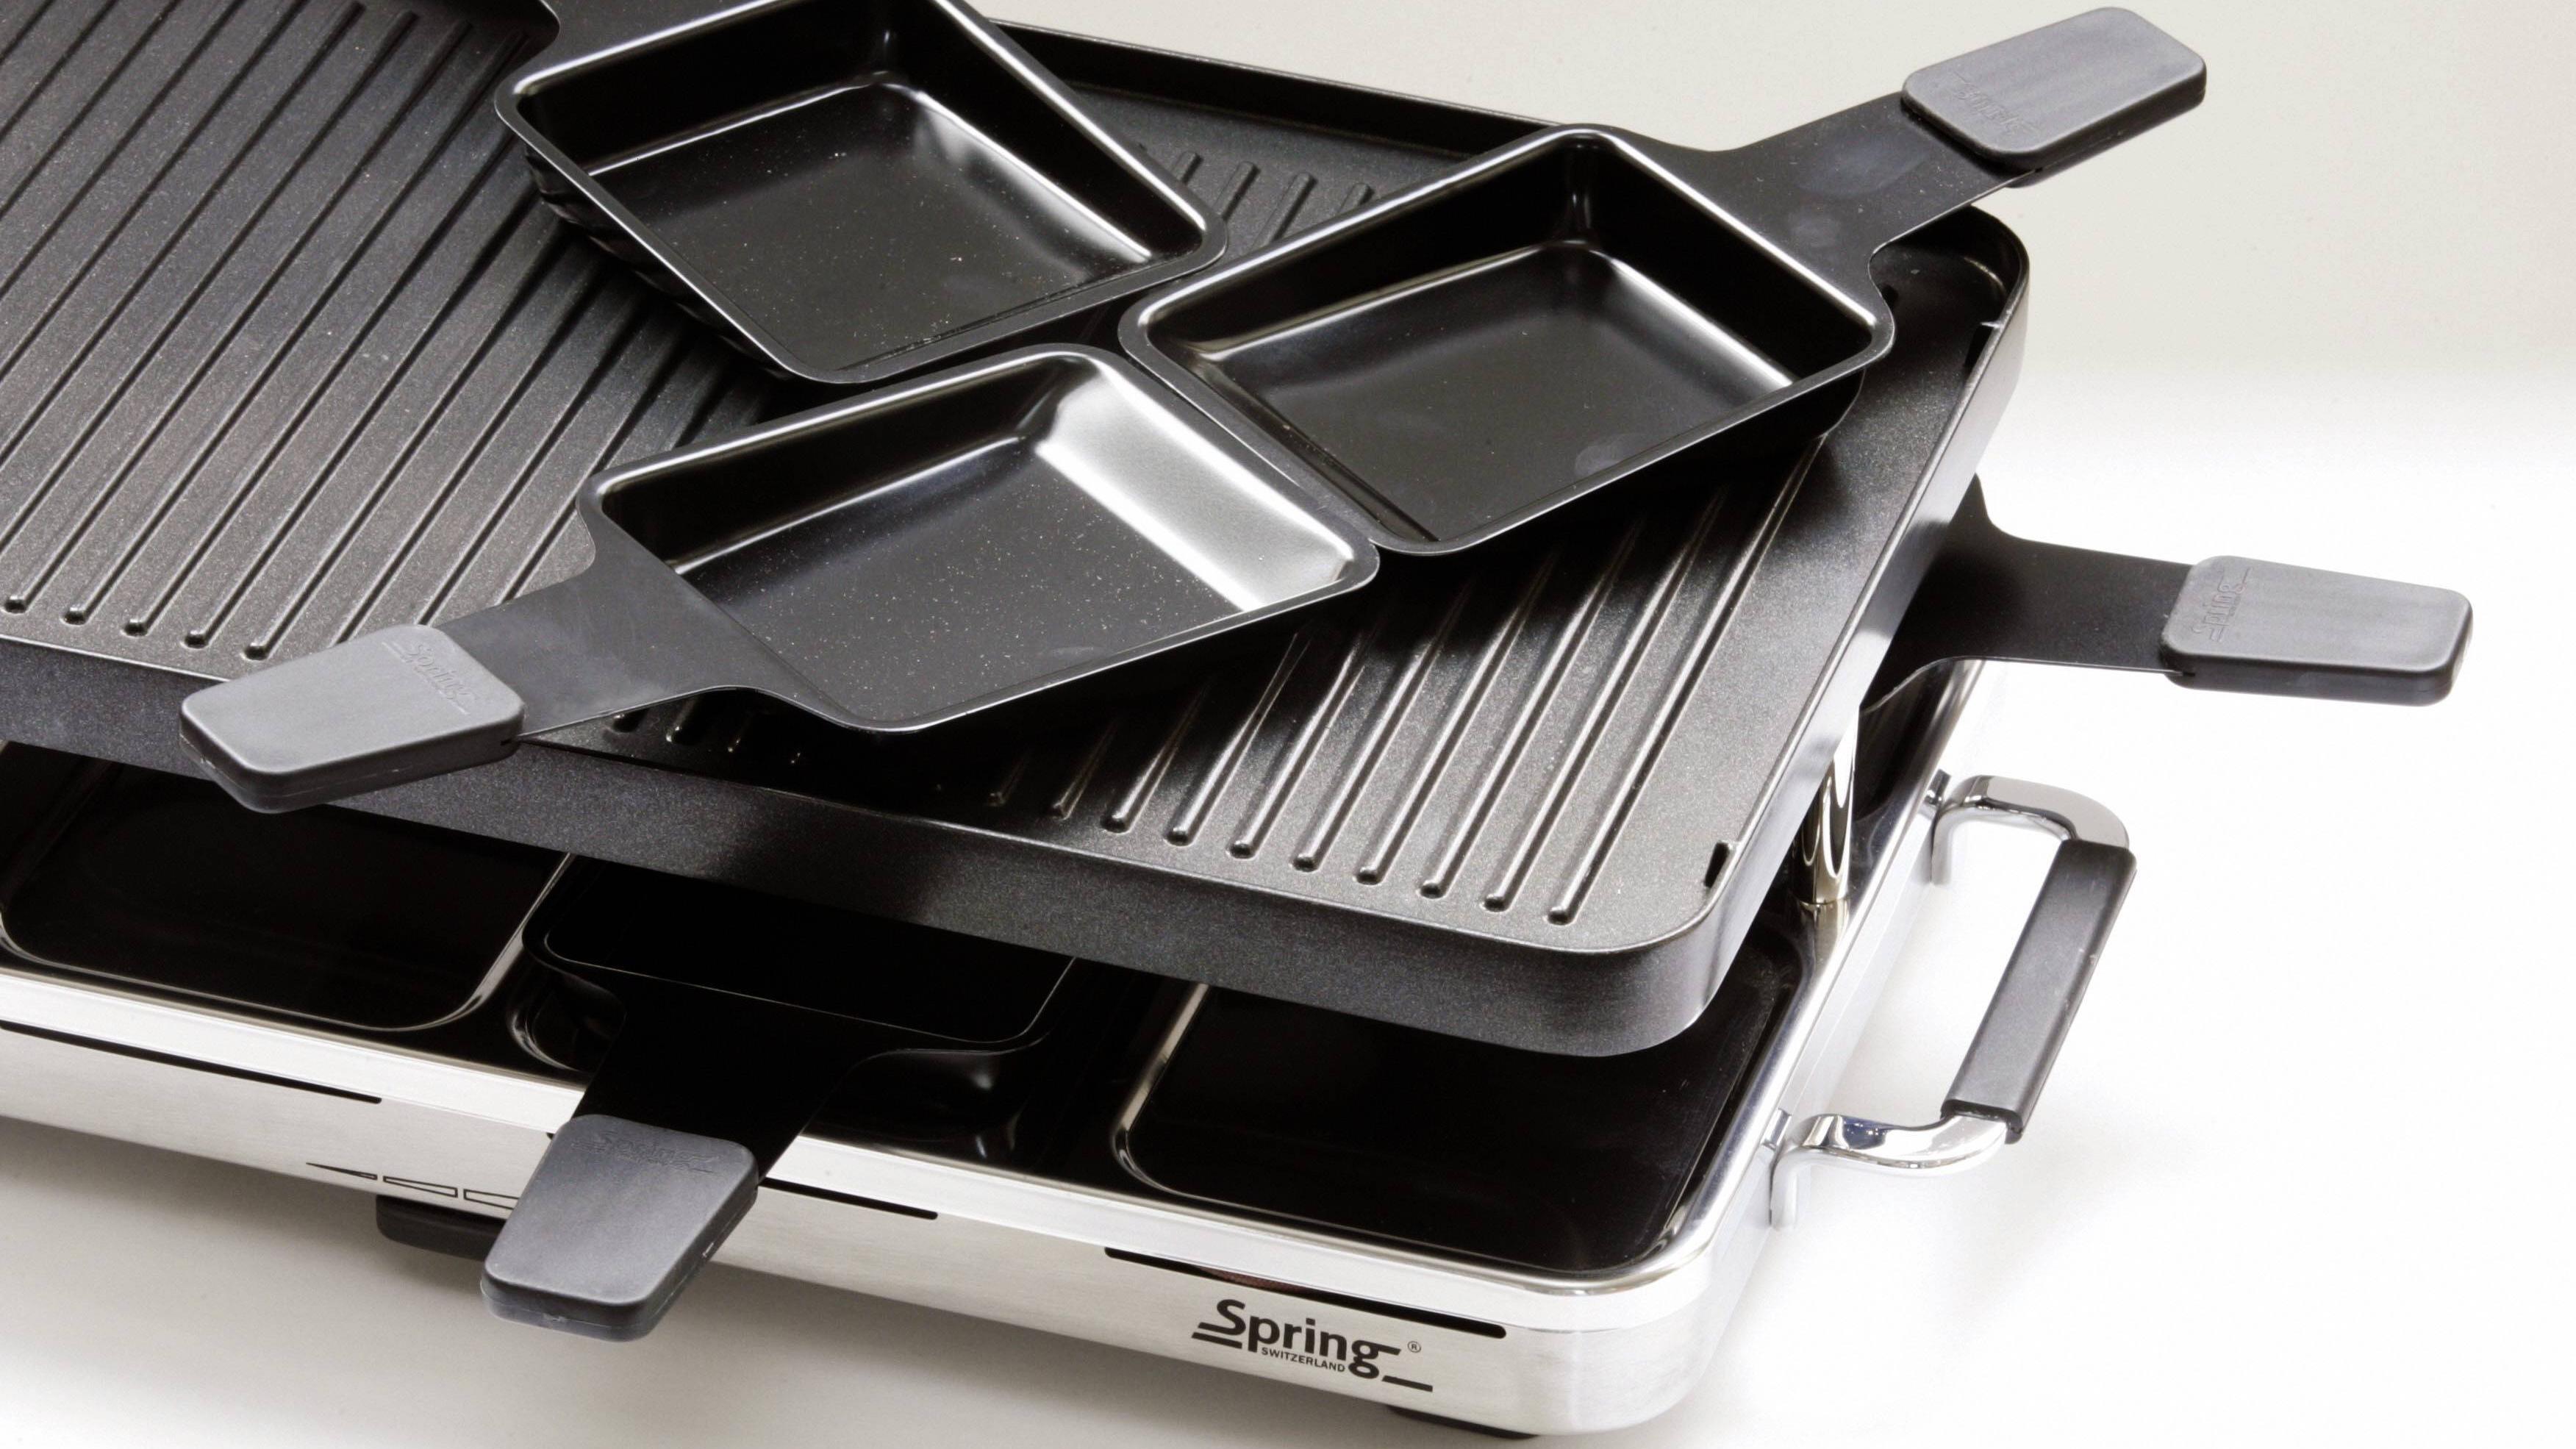 Raclette richtig reinigen - gar nicht so schwer, wenn Sie vorbeugen.